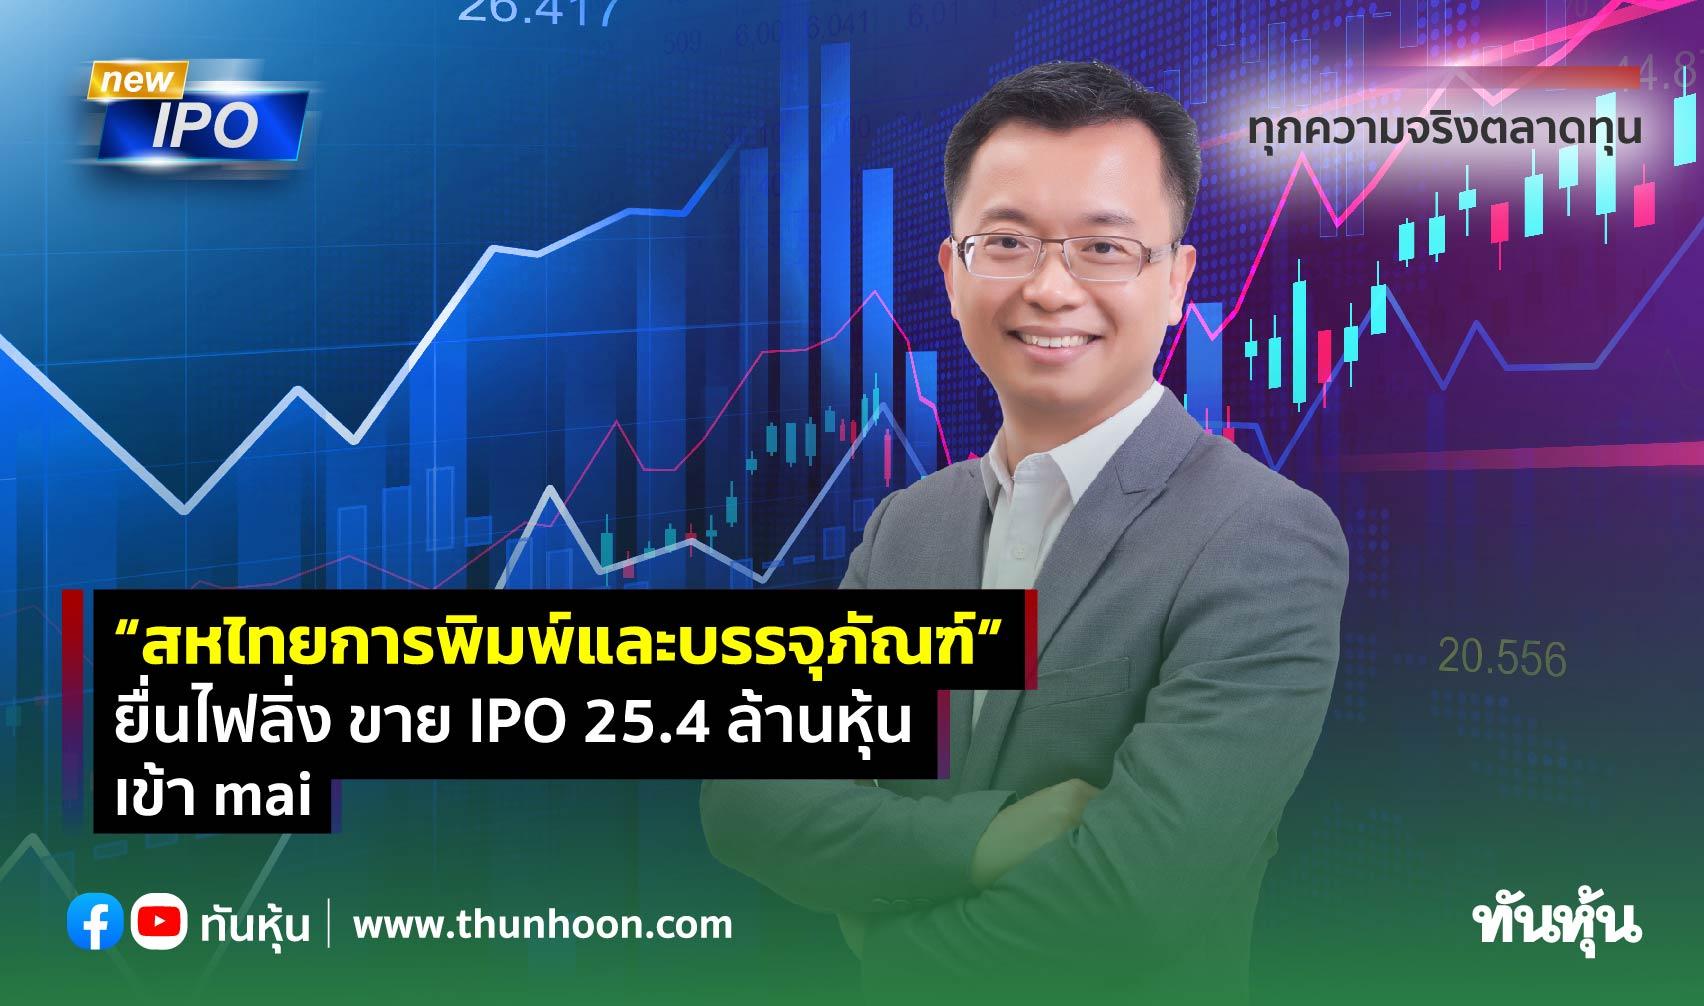 """""""สหไทยการพิมพ์และบรรจุภัณฑ์"""" ยื่นไฟลิ่ง ขาย IPO 25.4 ล้านหุ้น เข้า mai"""